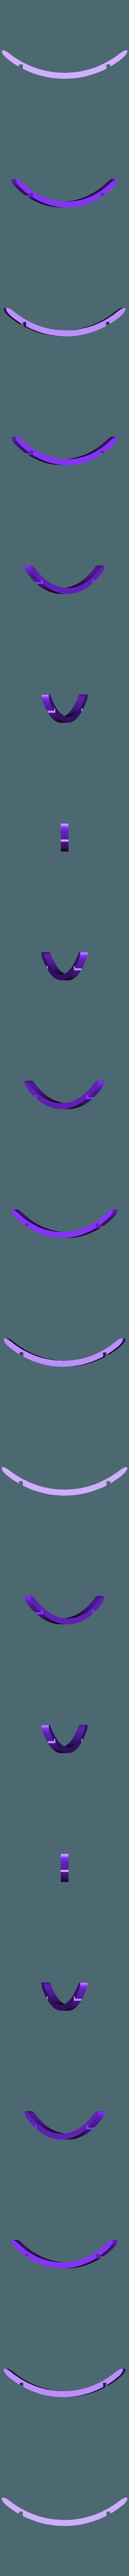 Bowl_10.stl Télécharger fichier STL gratuit Remix de bol de fruits pour l'impression 3D • Plan imprimable en 3D, tylerebowers